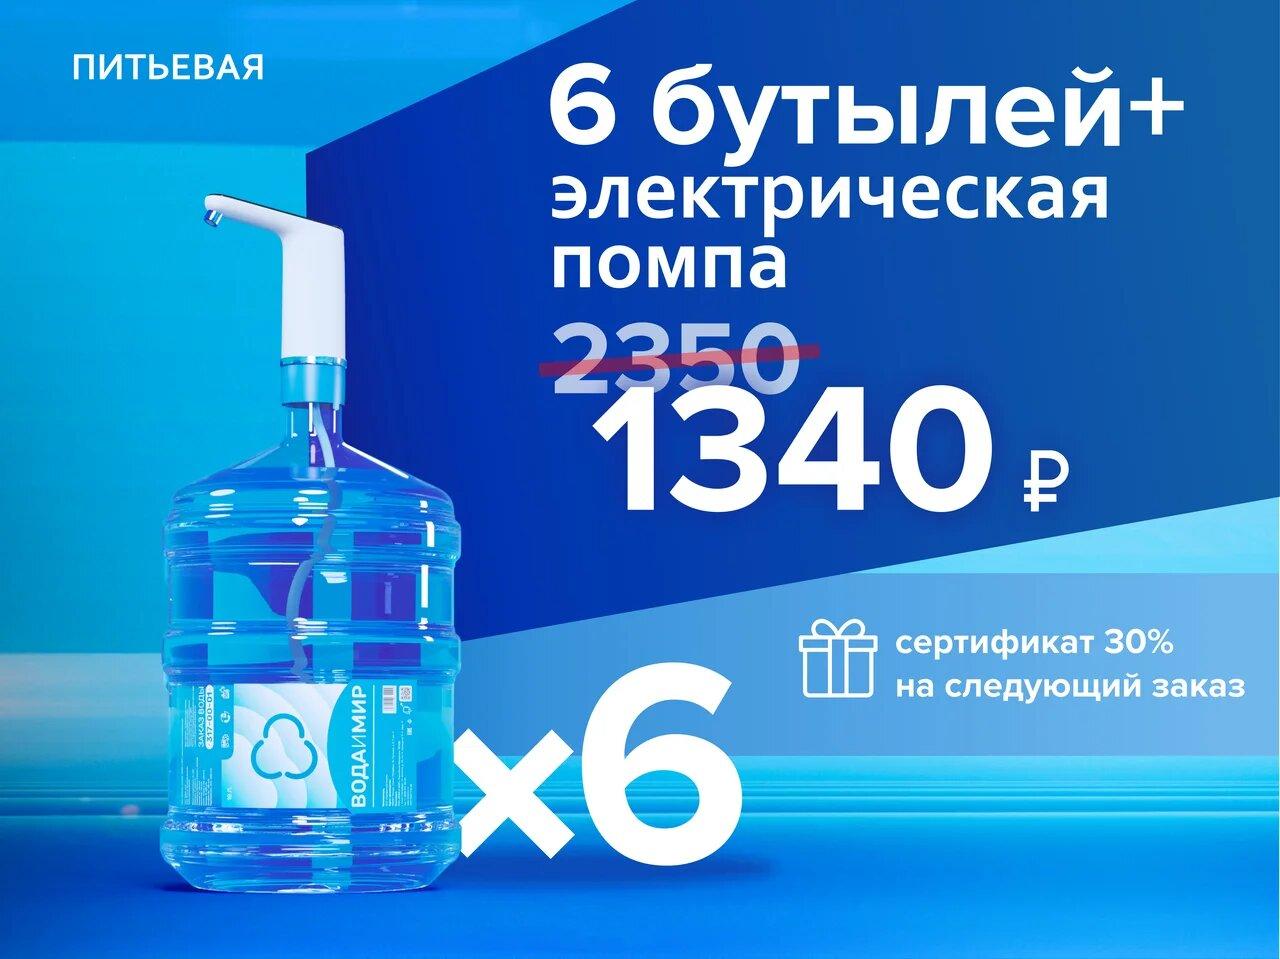 Питьевая вода электр. помпа х6